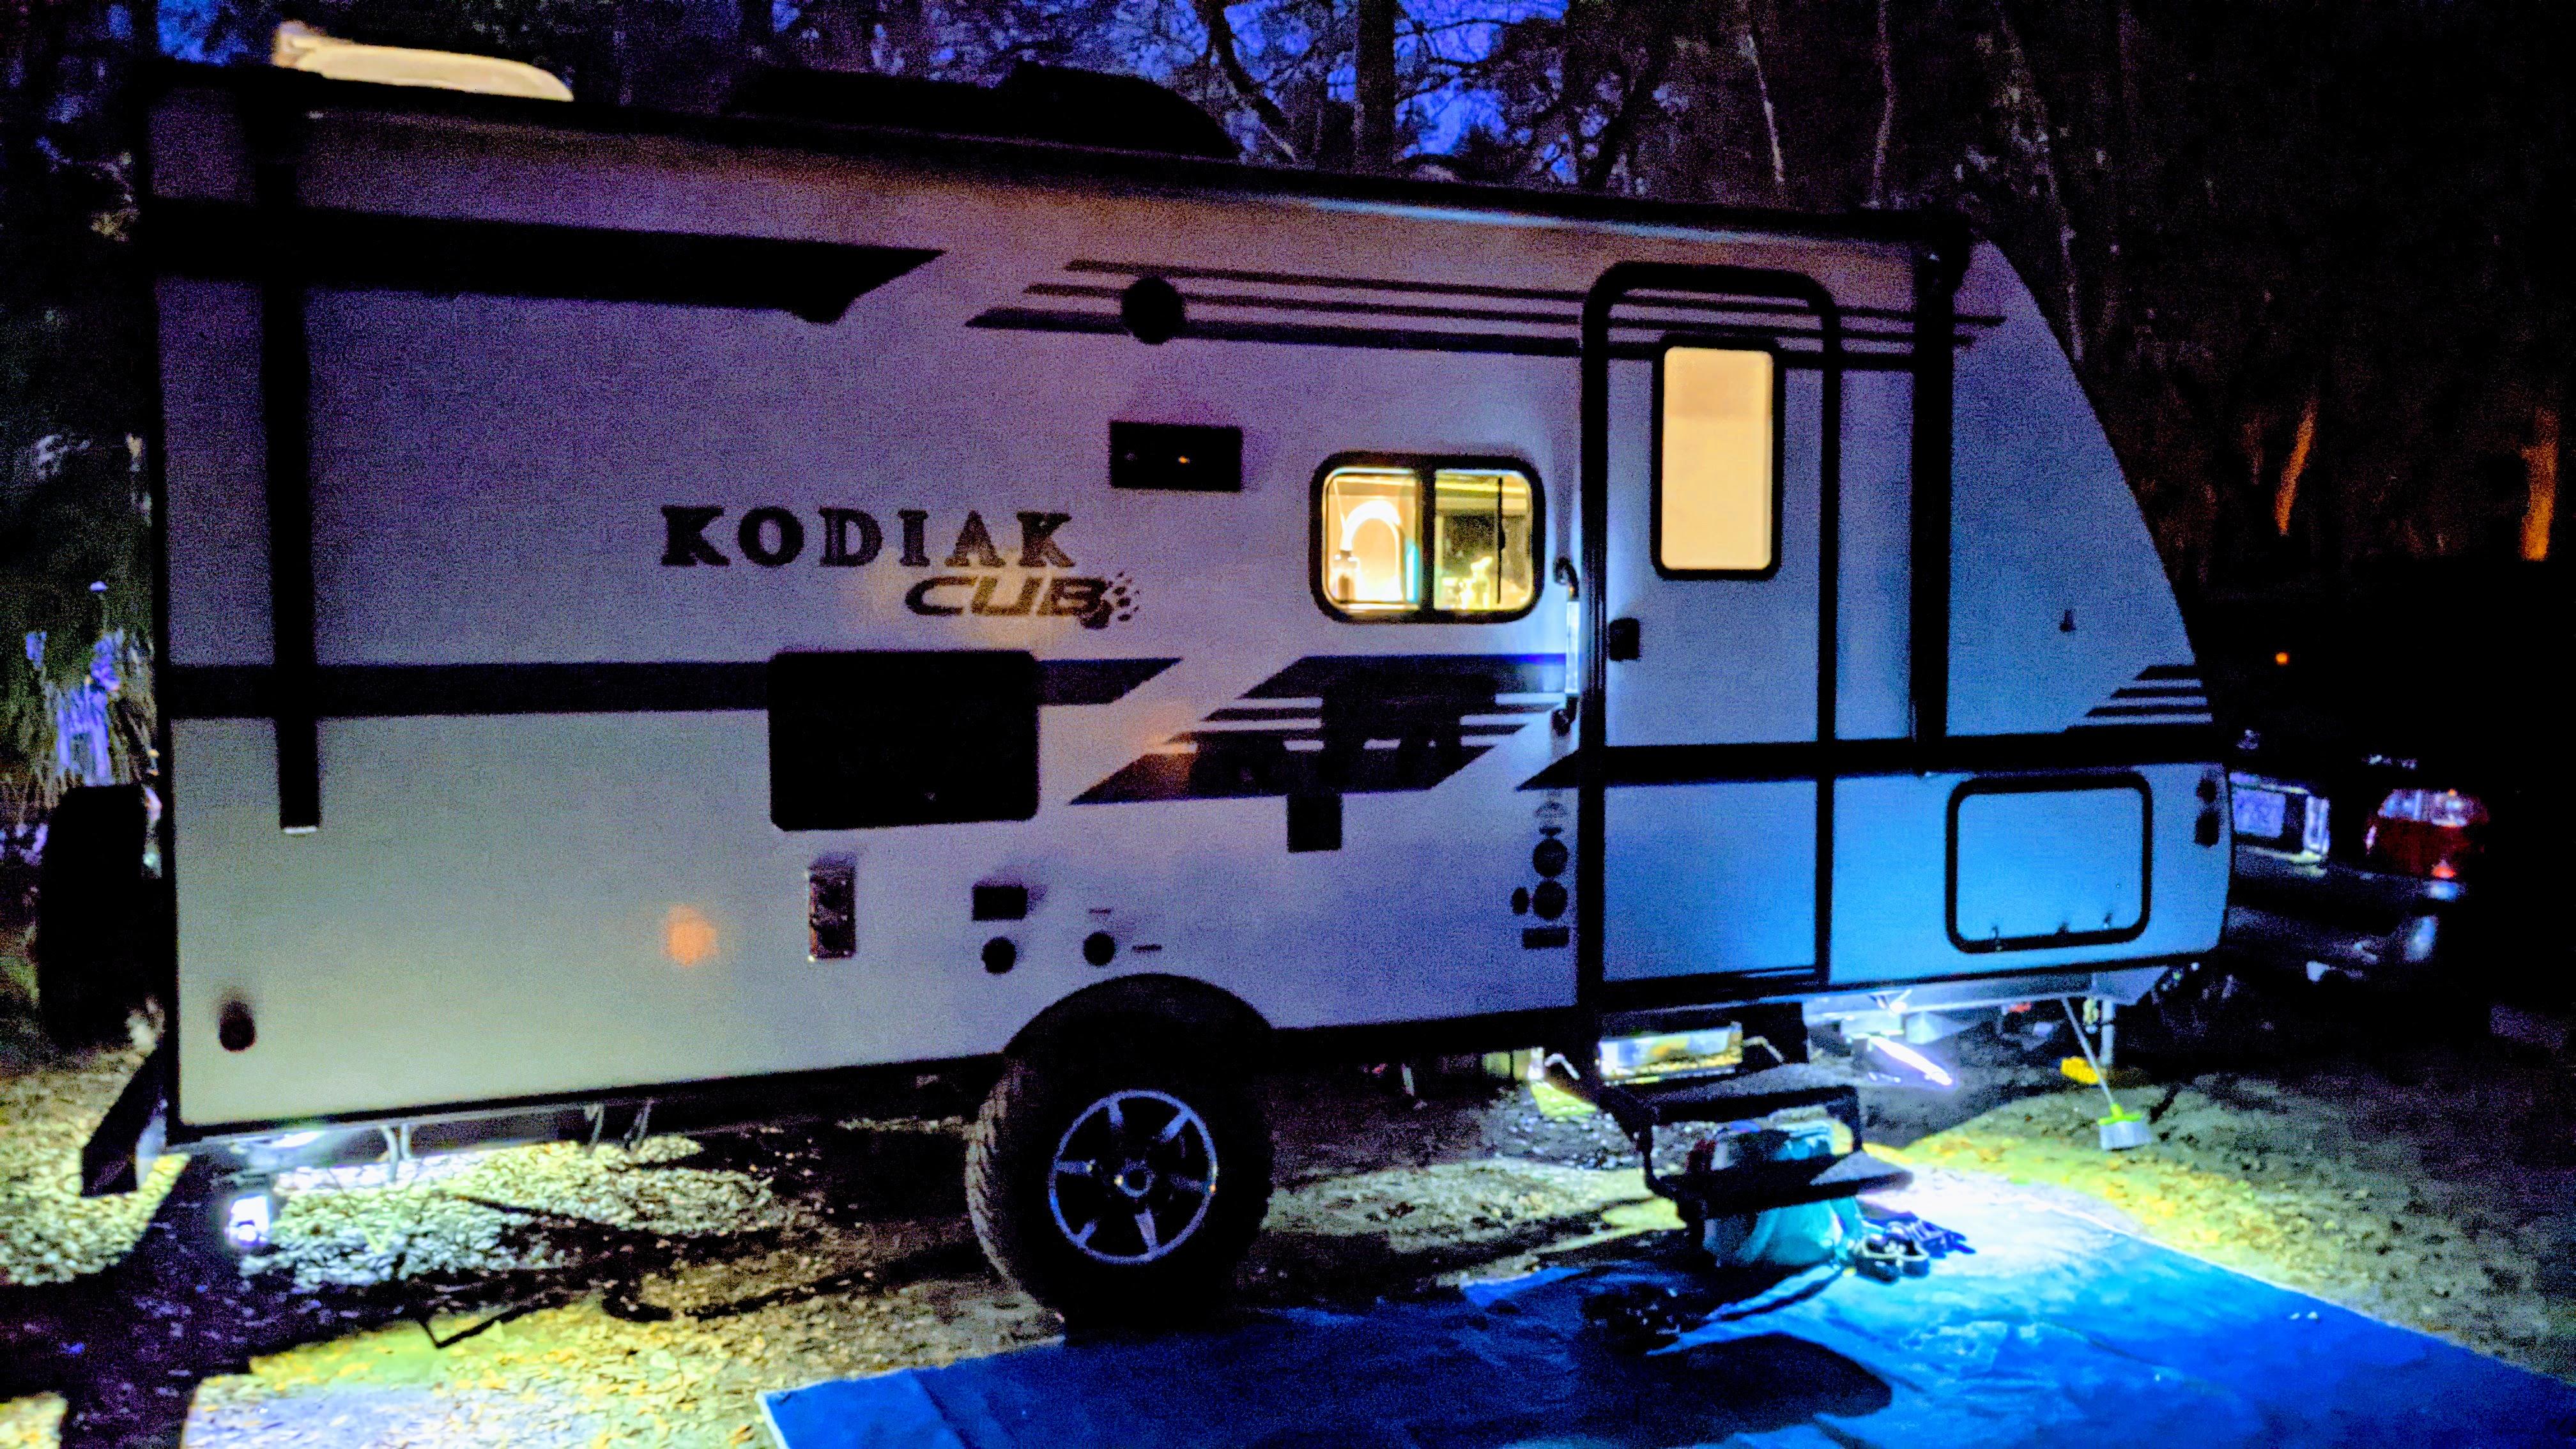 Night time coziness. Dutchmen Kodiak 2019